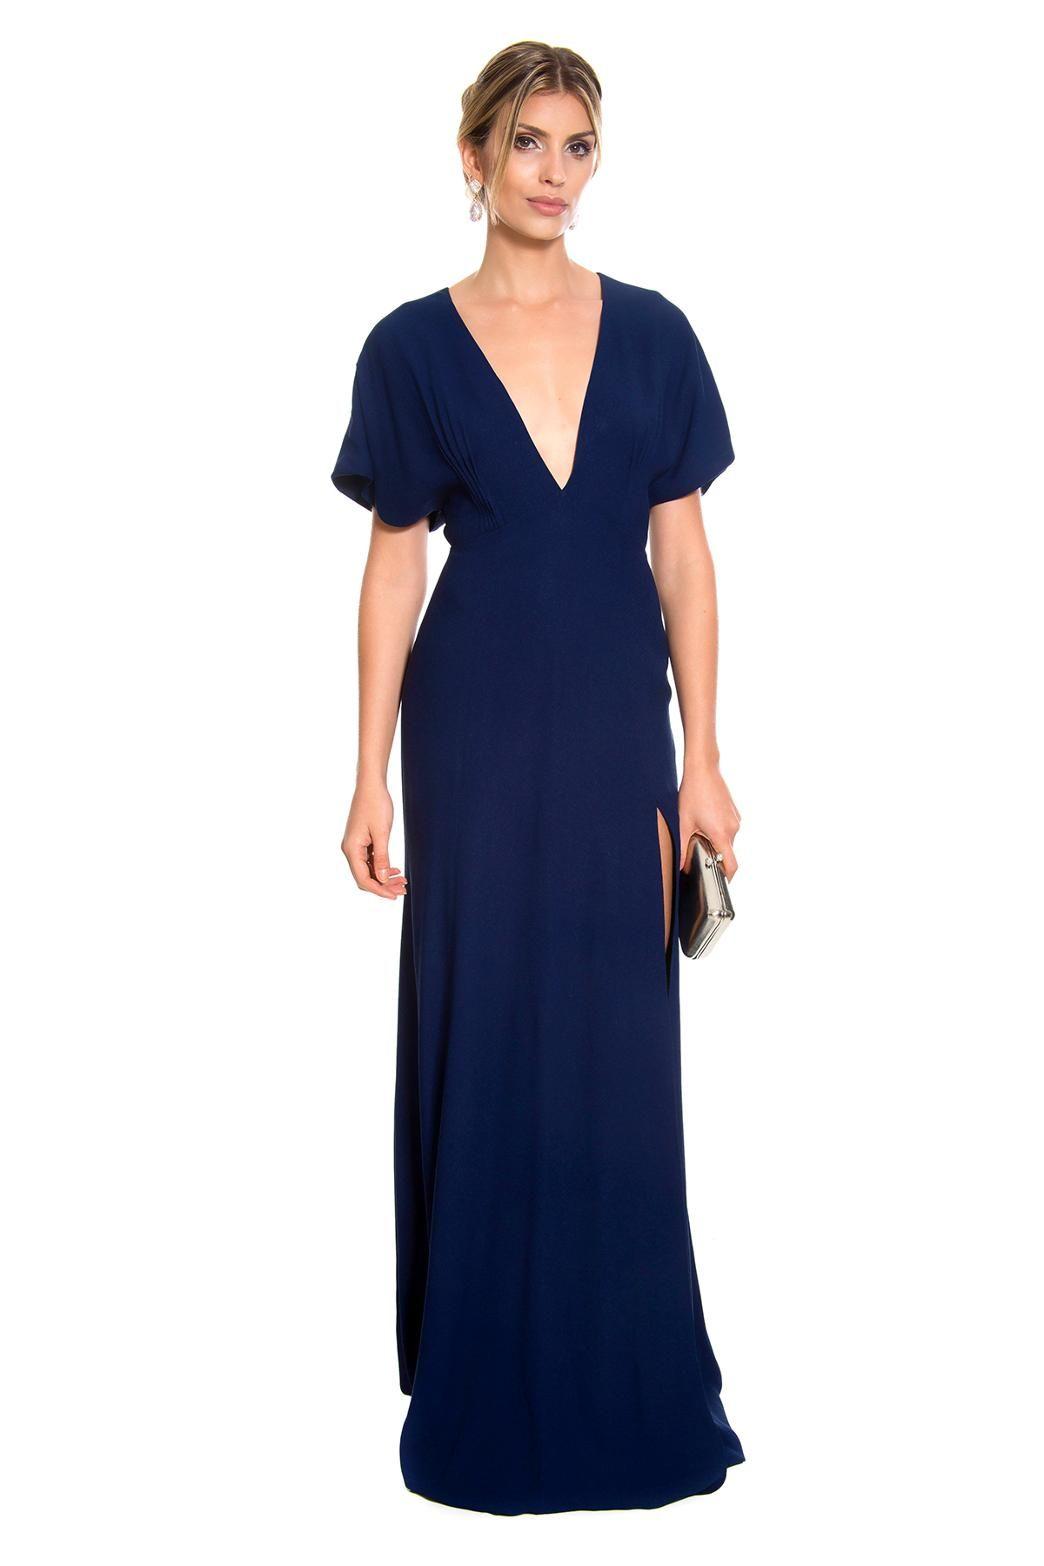 7f6517170 Vestido longo de crepe azul marinho com decote em